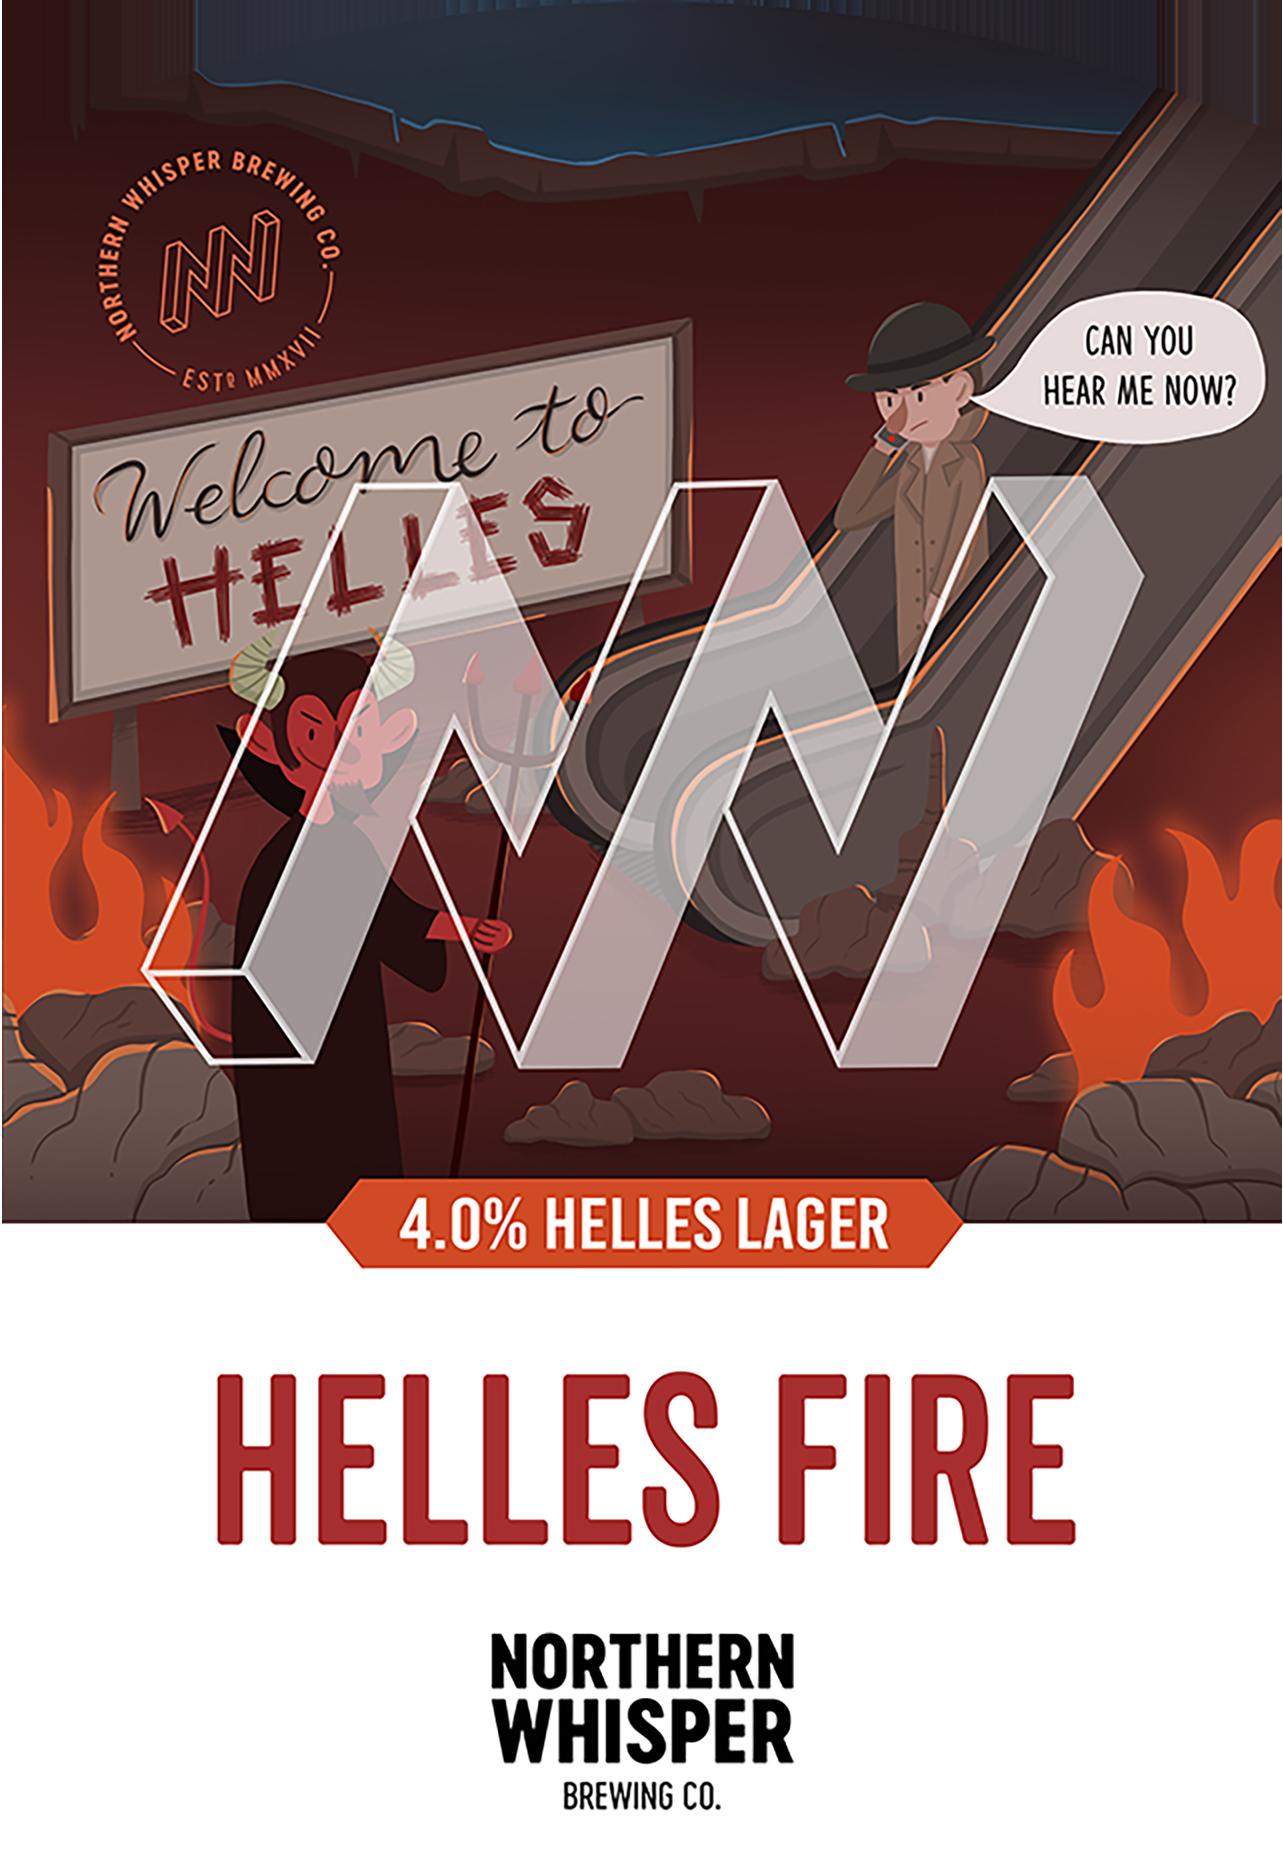 Helles Fire